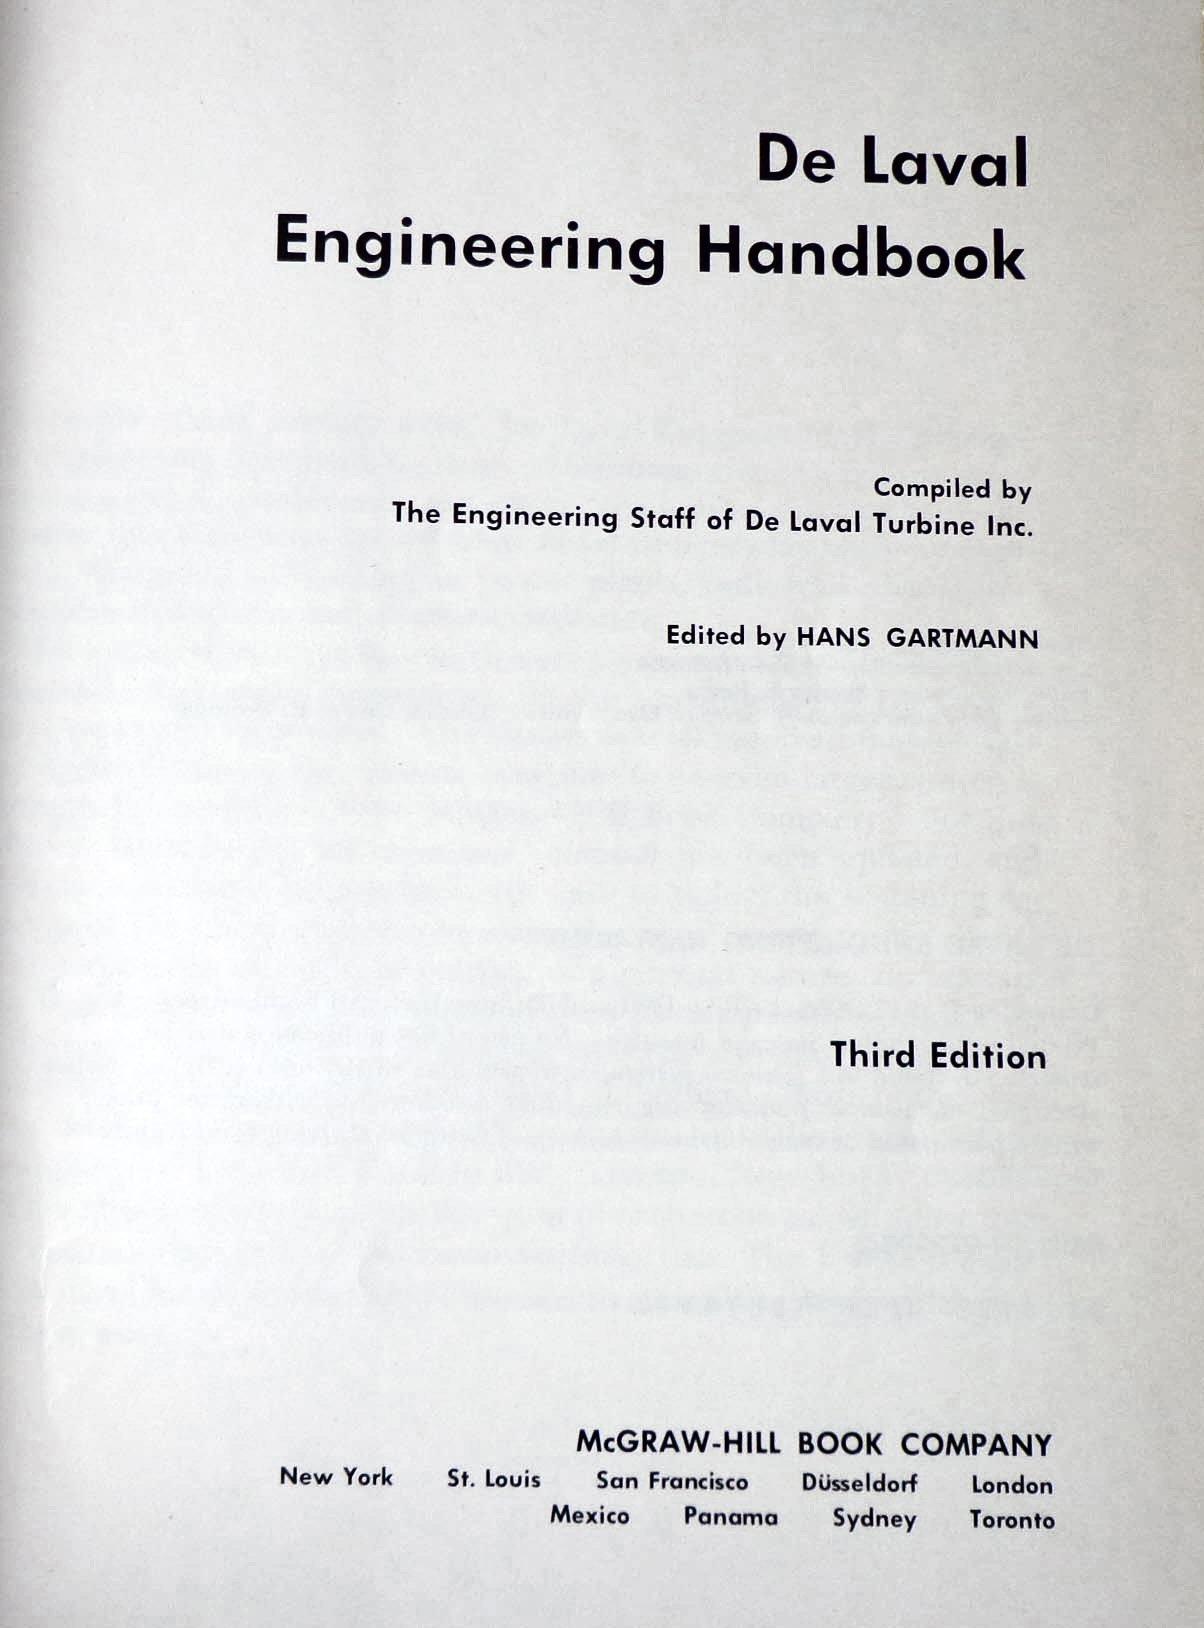 DeLaval Engineering Handbook Amazon H Gartman